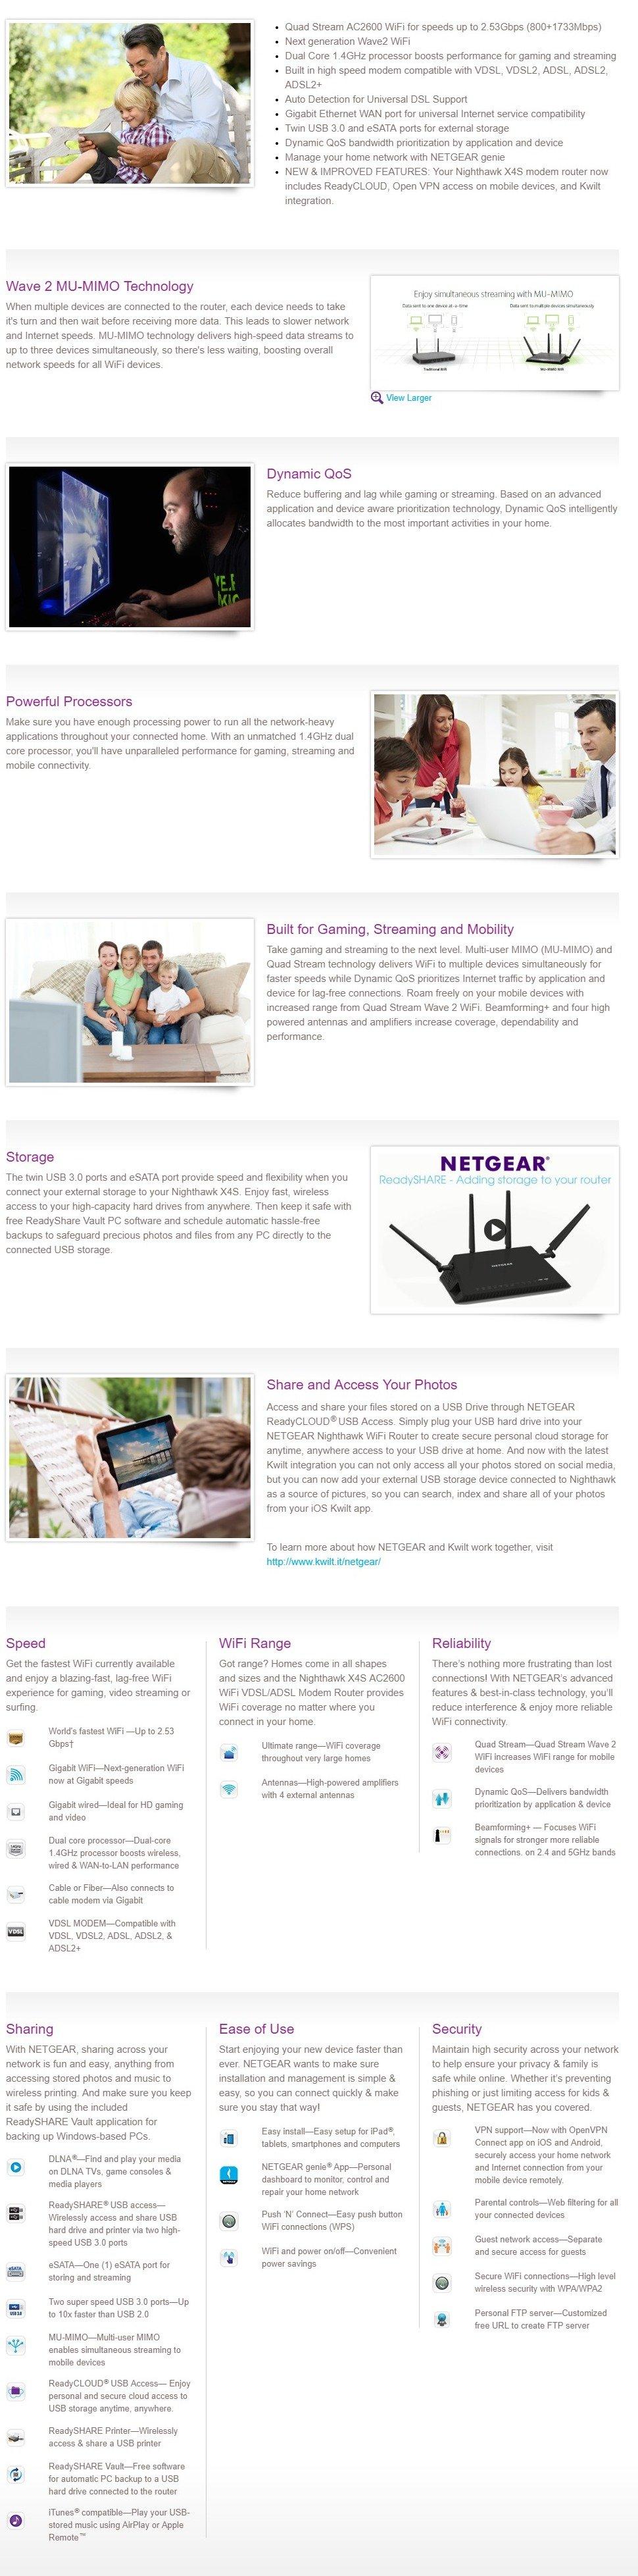 Details about Netgear D7800 Nighthawk AC2600 MU-MIMO Gigabit VDSL/ADSL FTTN  Modem Router 2 5GB